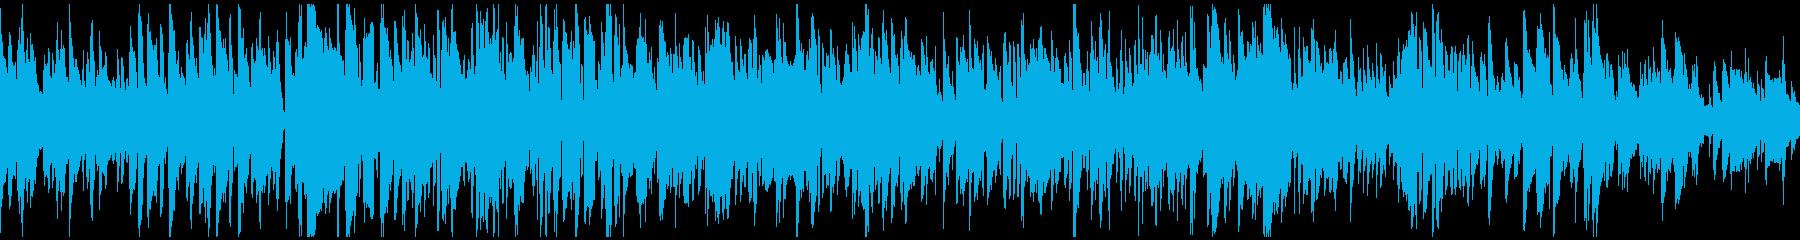 テナーサックス生演奏のボサノバ※ループ版の再生済みの波形